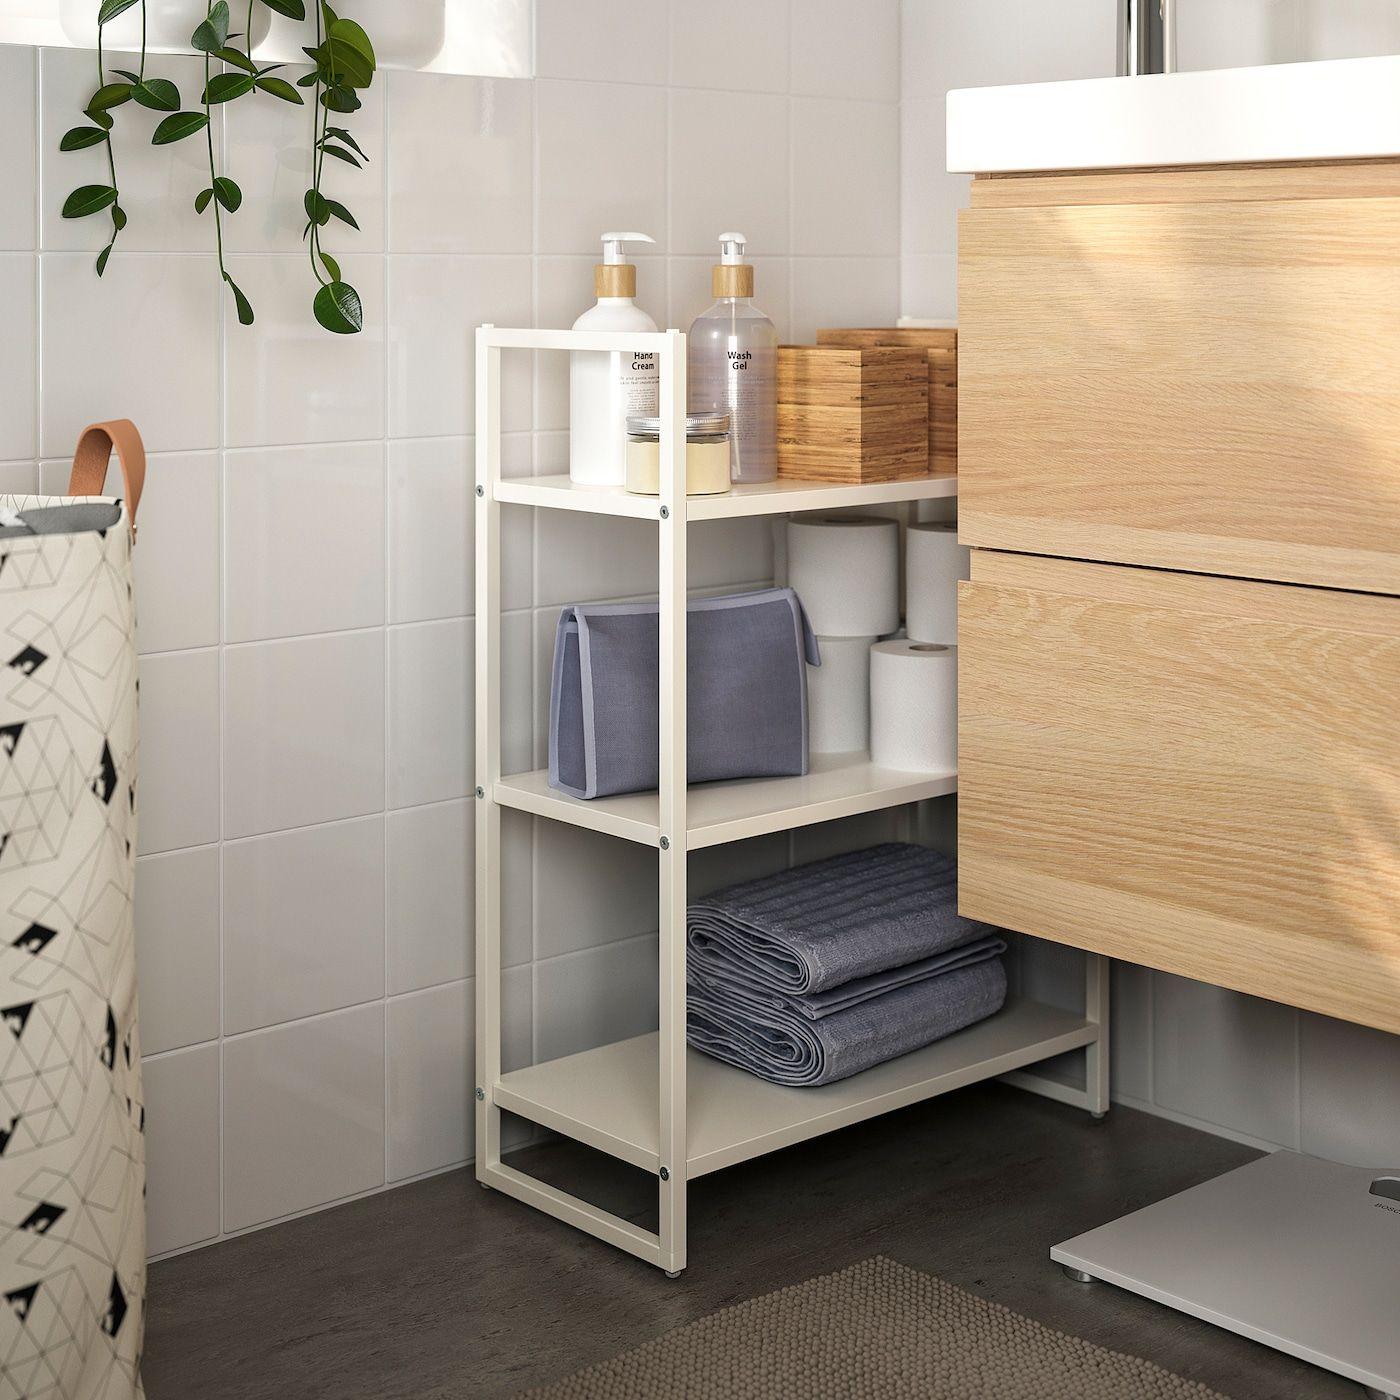 Ikea Jonaxel Regal Wei Szlig In 2020 Regal Weiss Badezimmer Regal Weiss Badezimmer Aufbewahrung